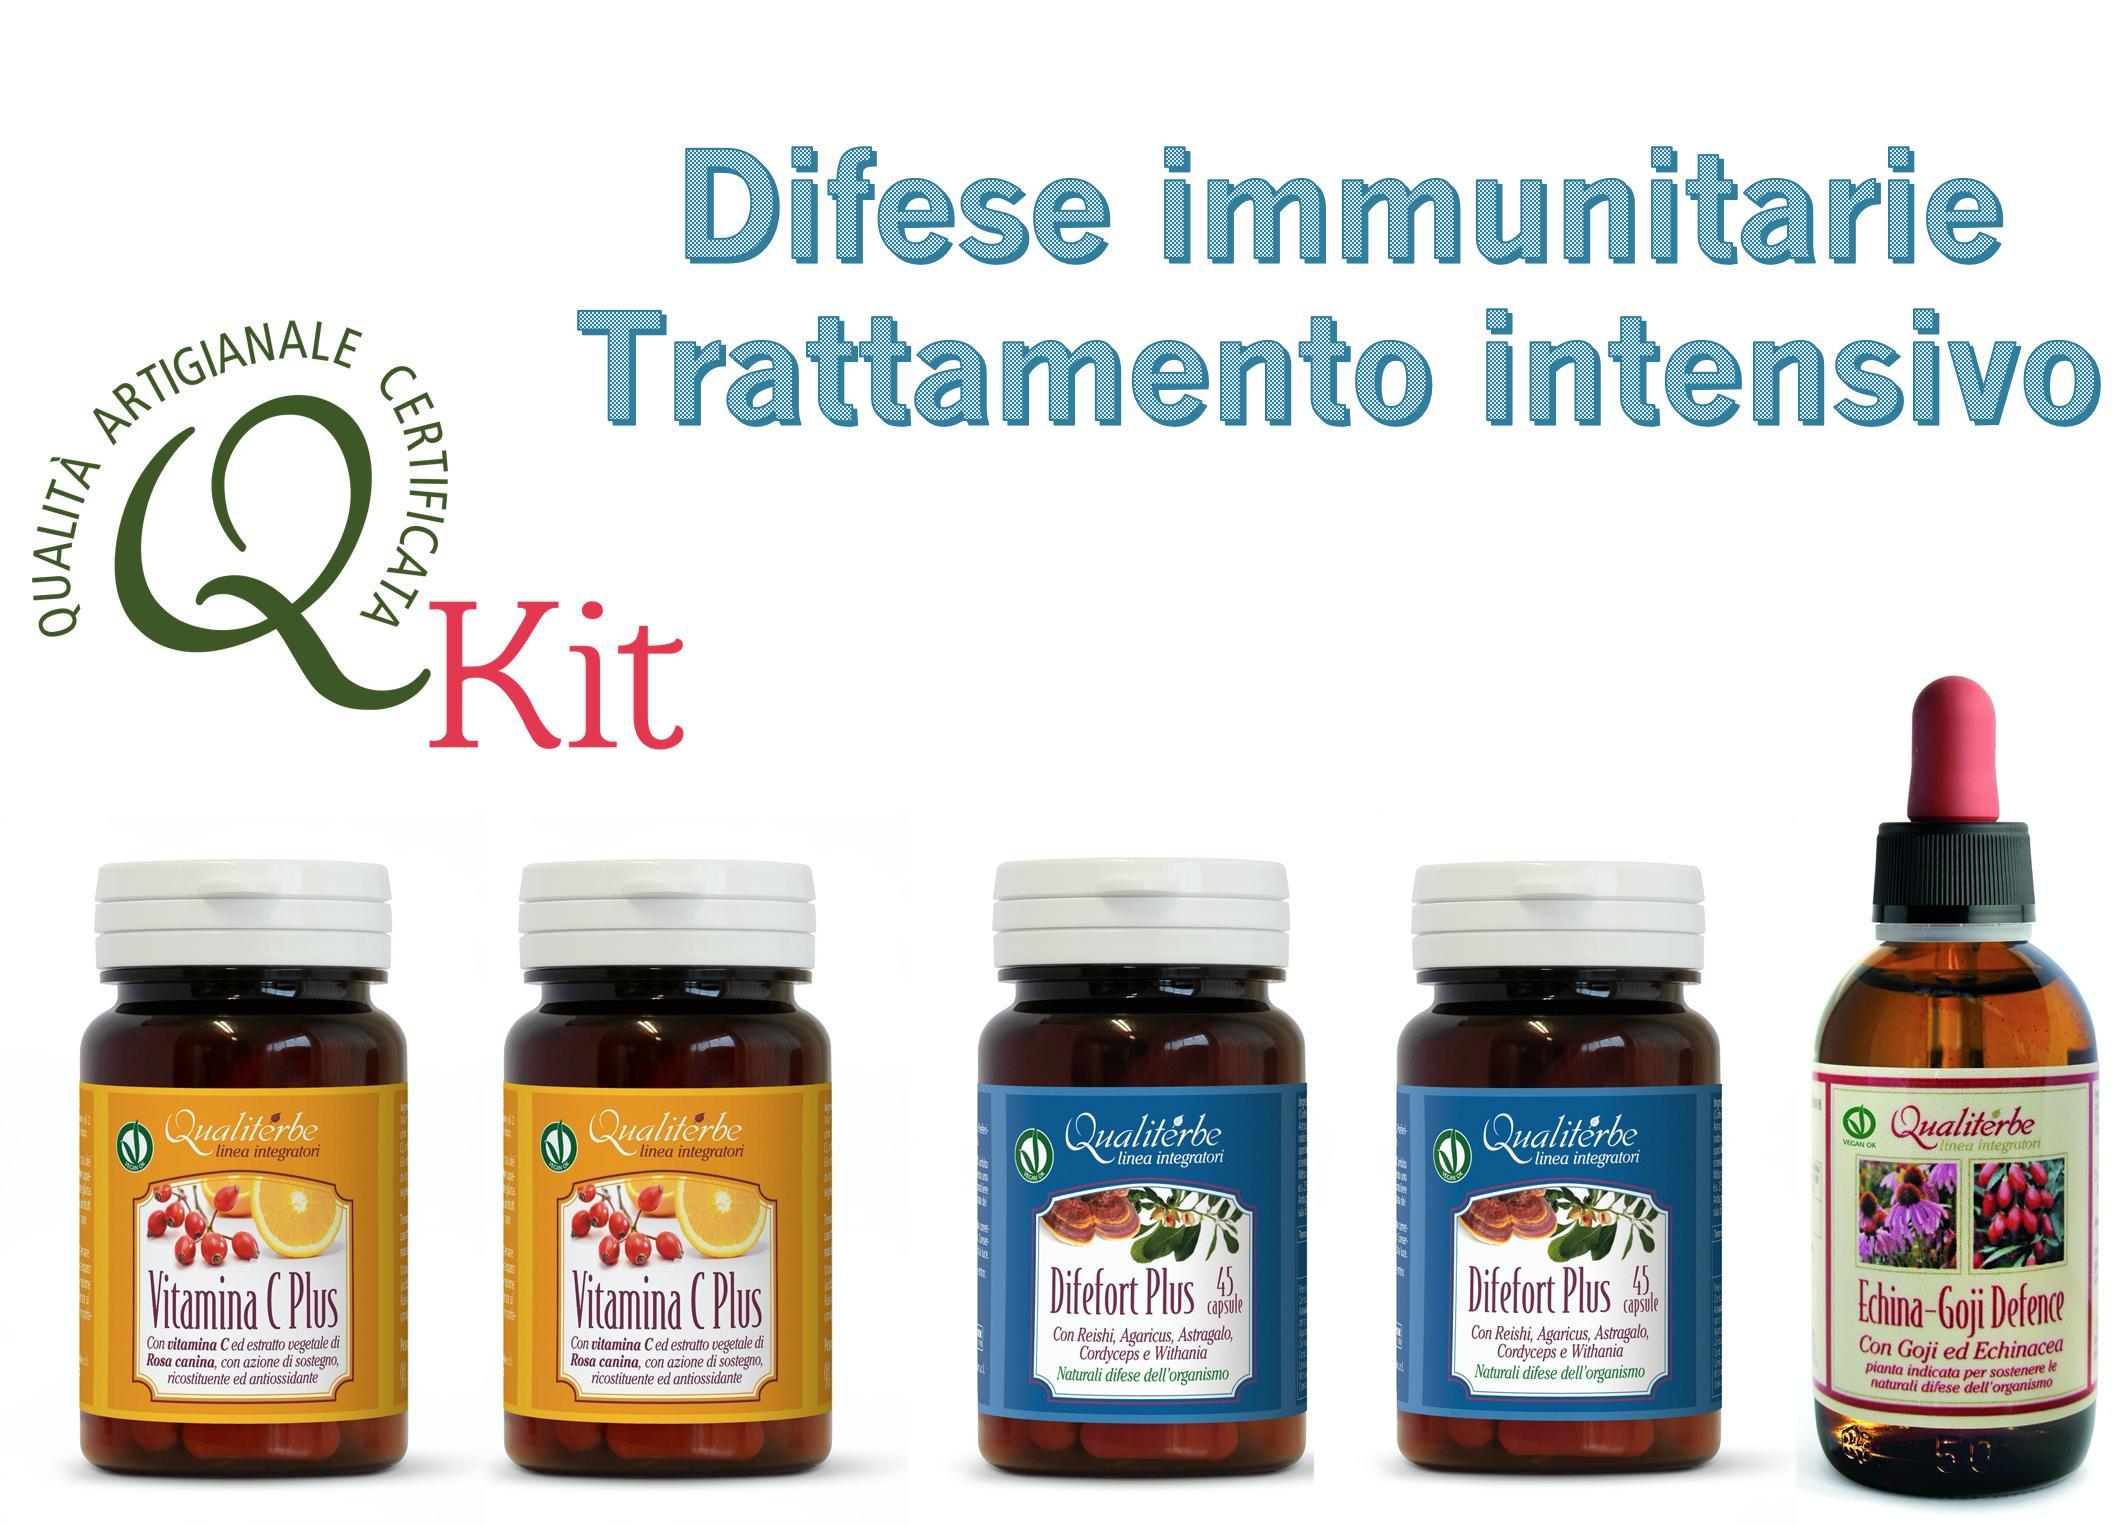 Kit Difese Immunitarie Trattamento Intensivo Obiettivo Attacco